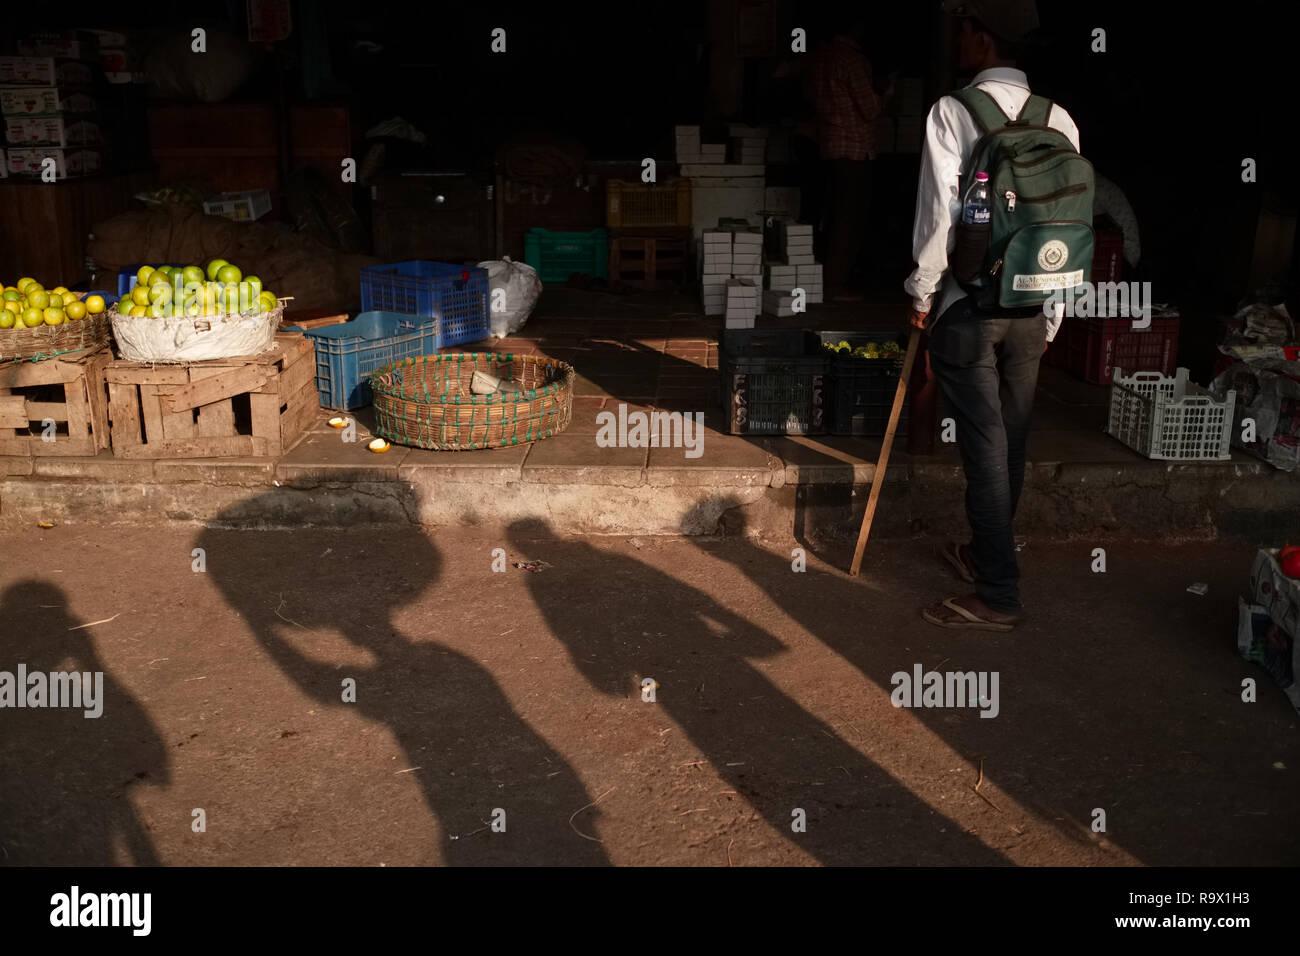 Ombre di facchini e il fotografo che cade a Crawford mercato o Mahatma Jyotiba Phule Market, un mercato di frutta e verdura, Mumbai, India Immagini Stock